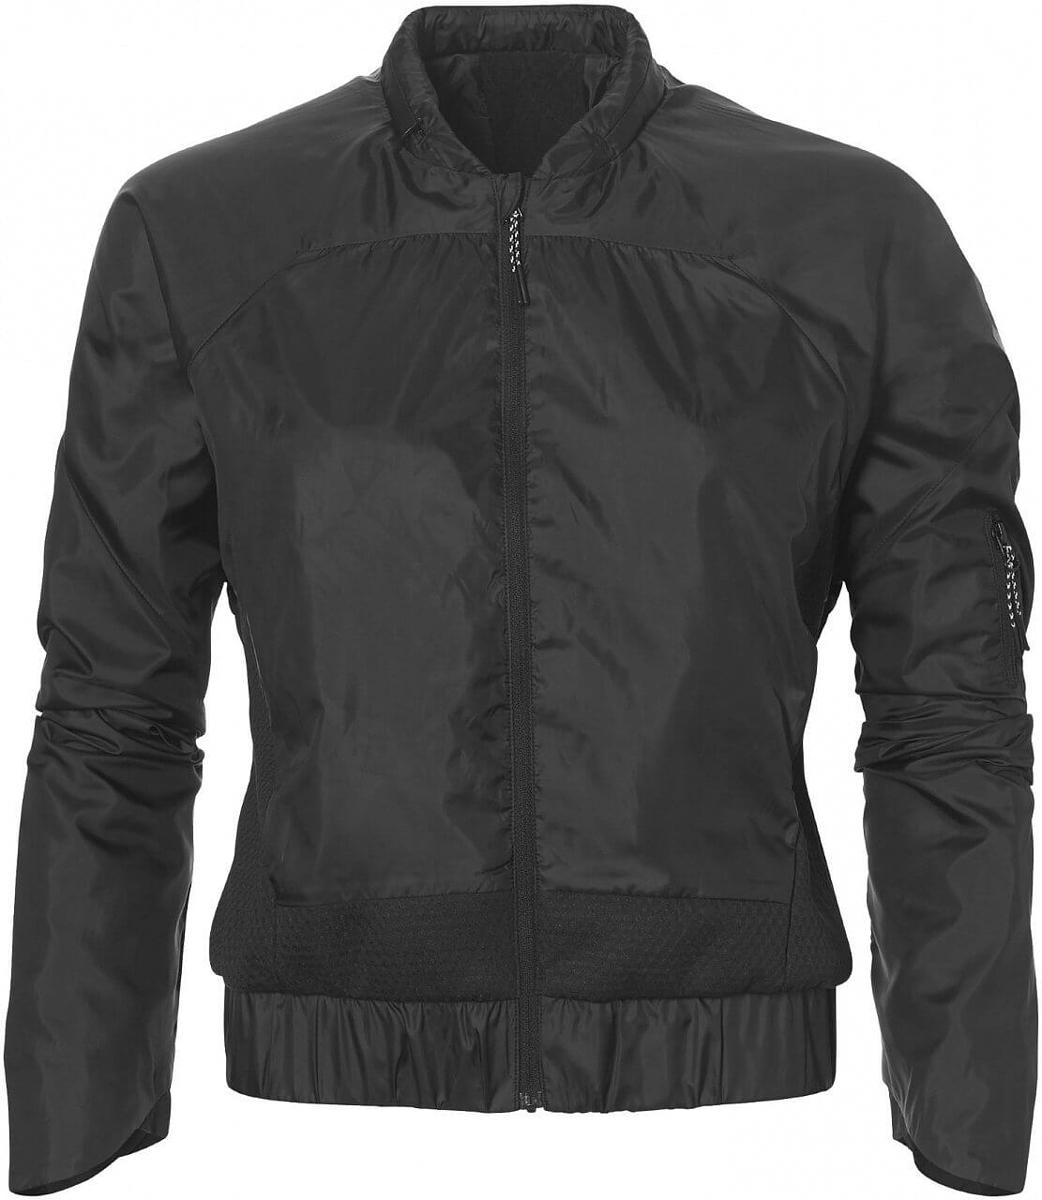 Куртка женская Asics Tech Jacket, цвет: черный. 146413-0904. Размер S (44/46)146413-0904Спортивная куртка от Asics станет вашим лучшим другом на разминке, в перерывах между сетами и на корте в прохладную погоду.